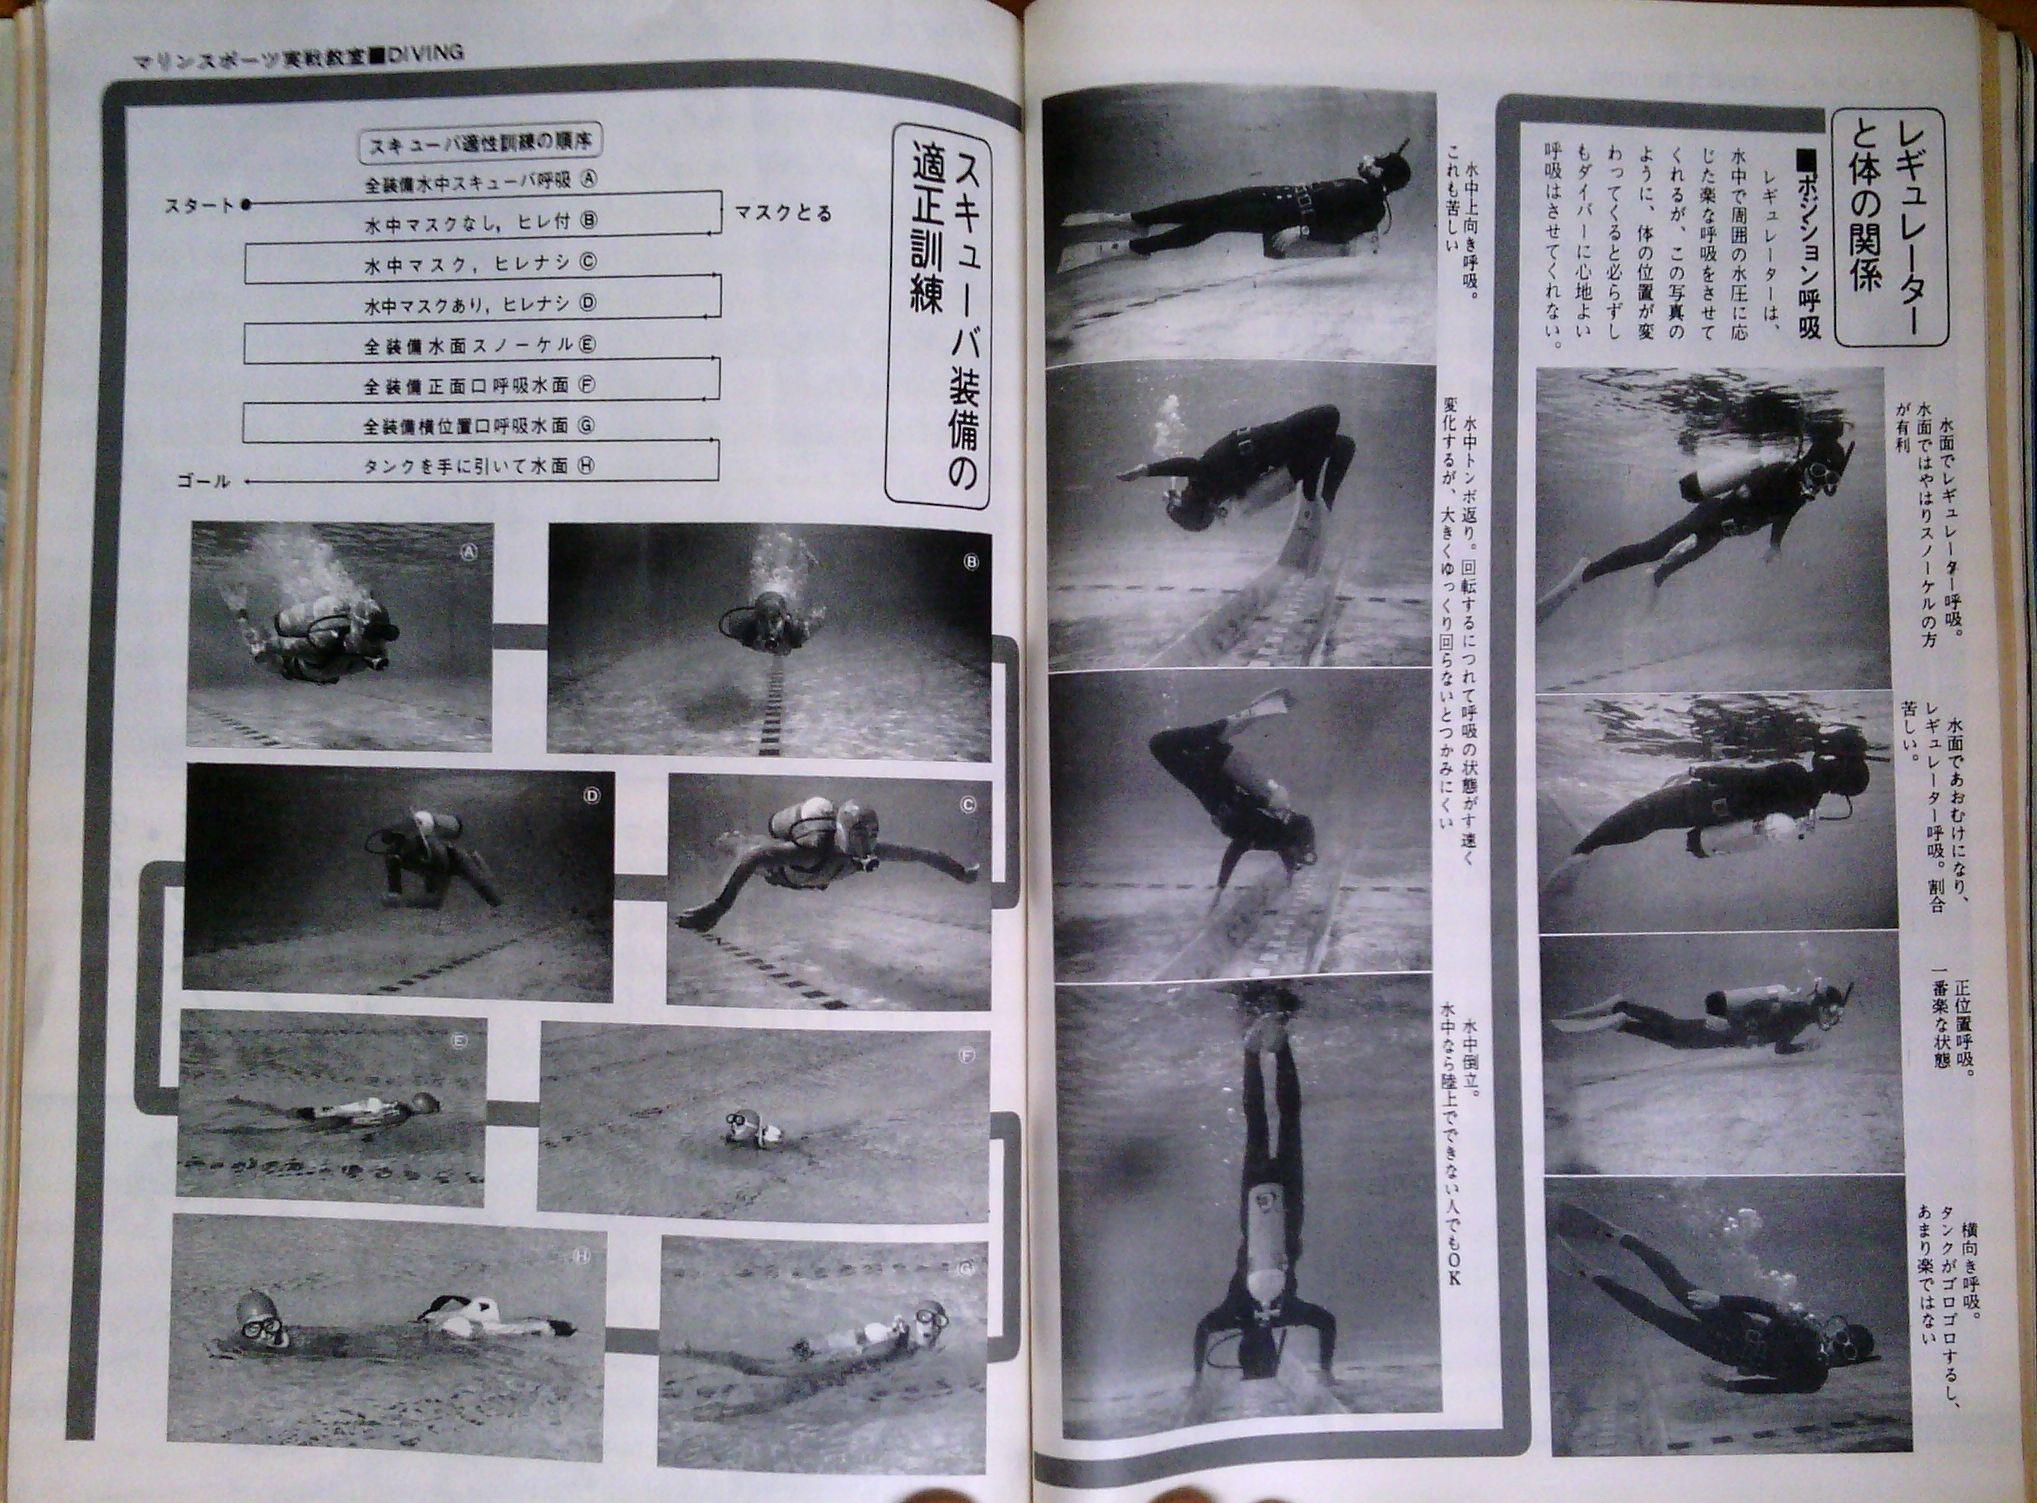 0326 ダイビングの歴史58 海の世界 1972-01_b0075059_13392907.jpg